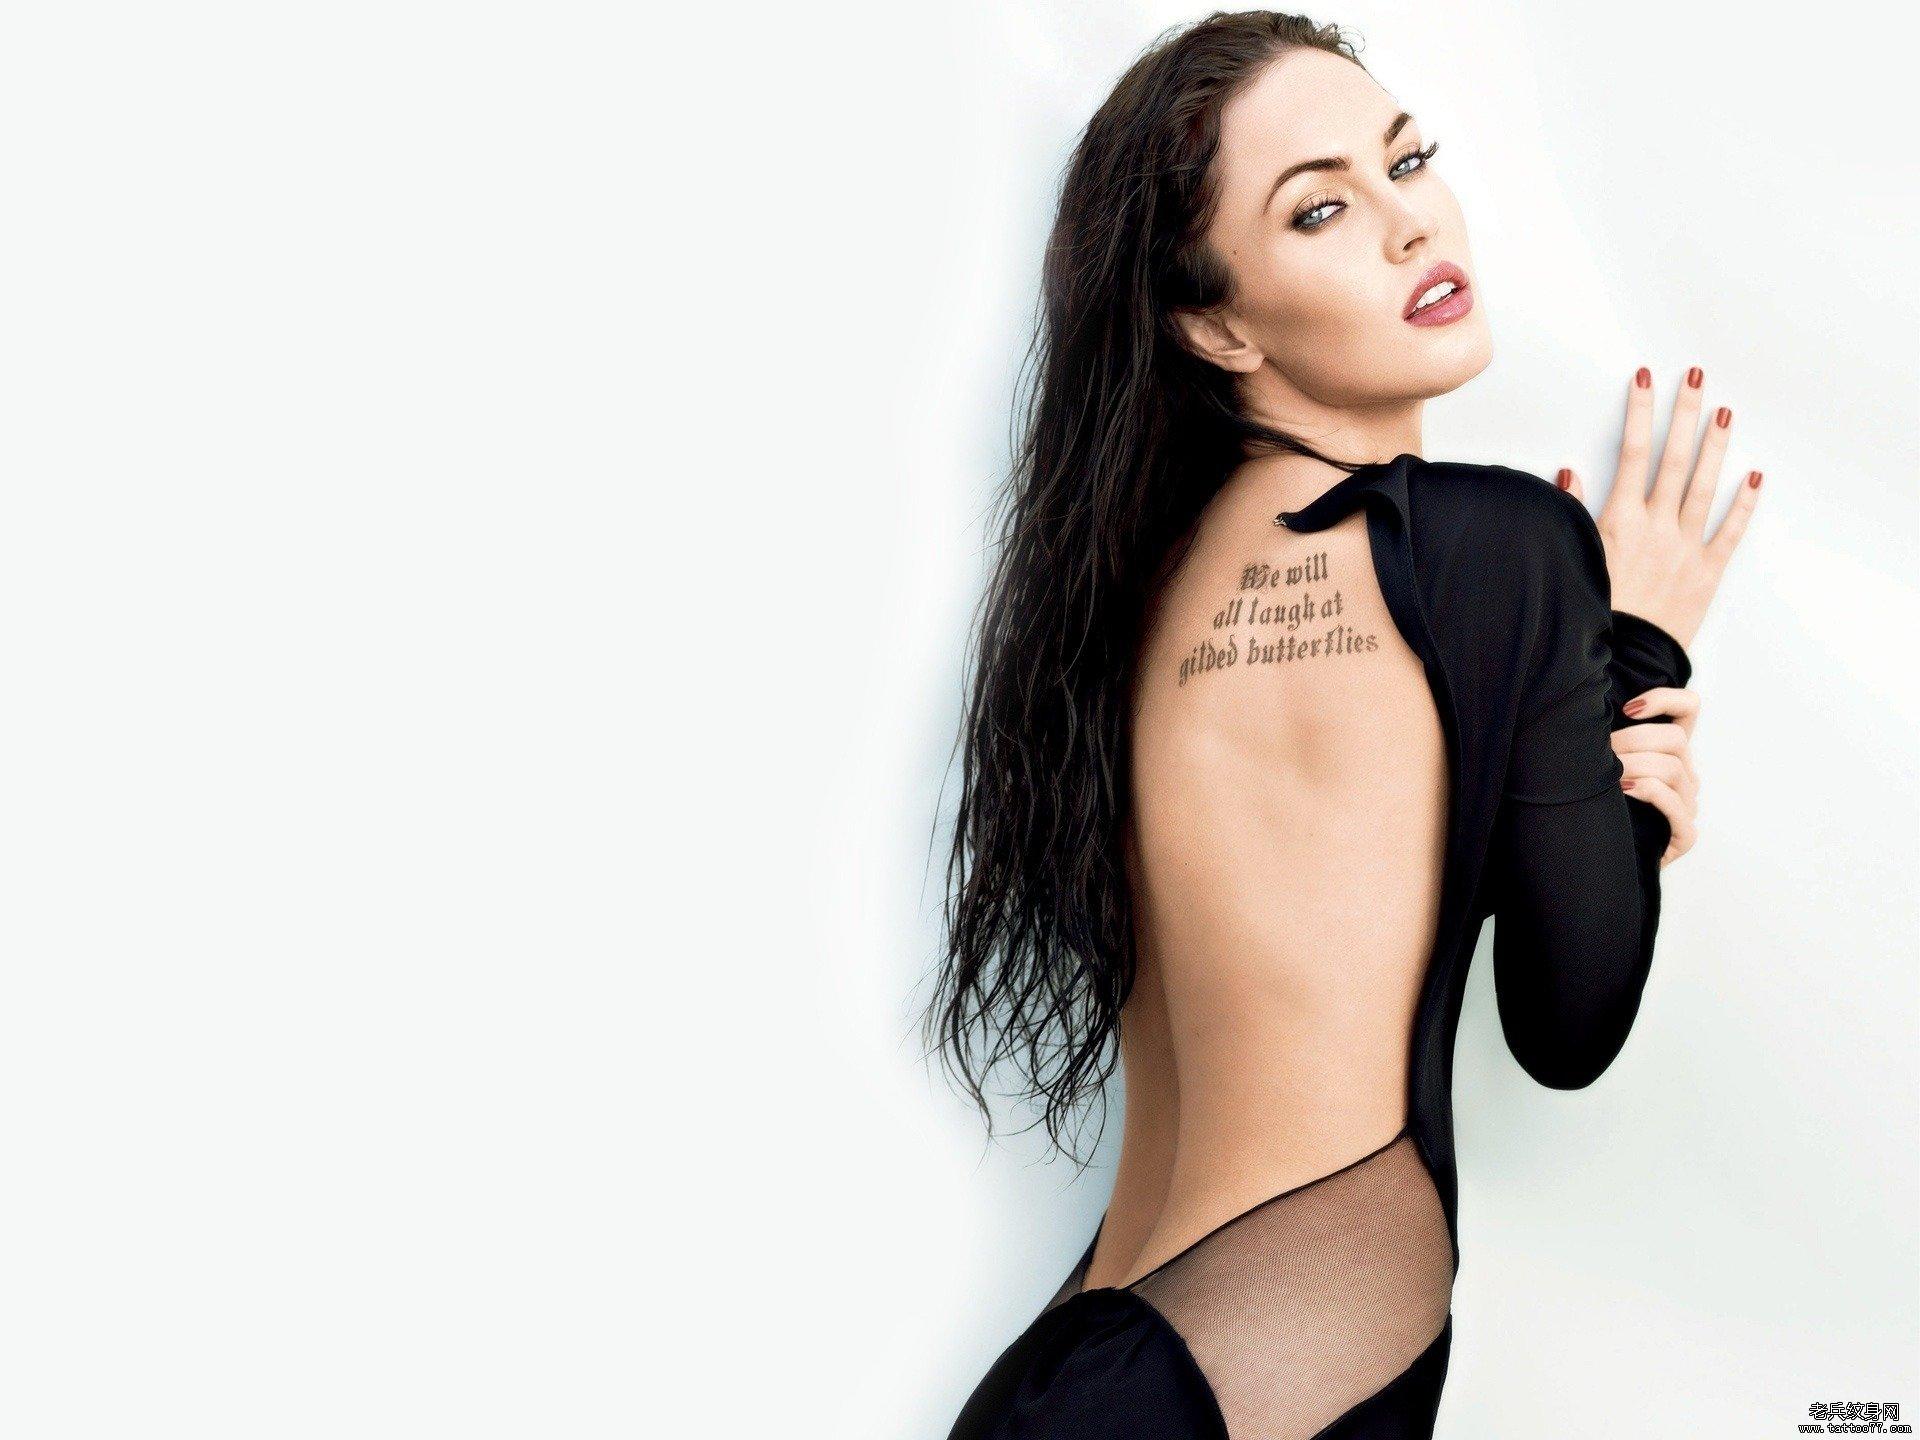 2014年欧美明星美女高清纹身壁纸桌面图片下载